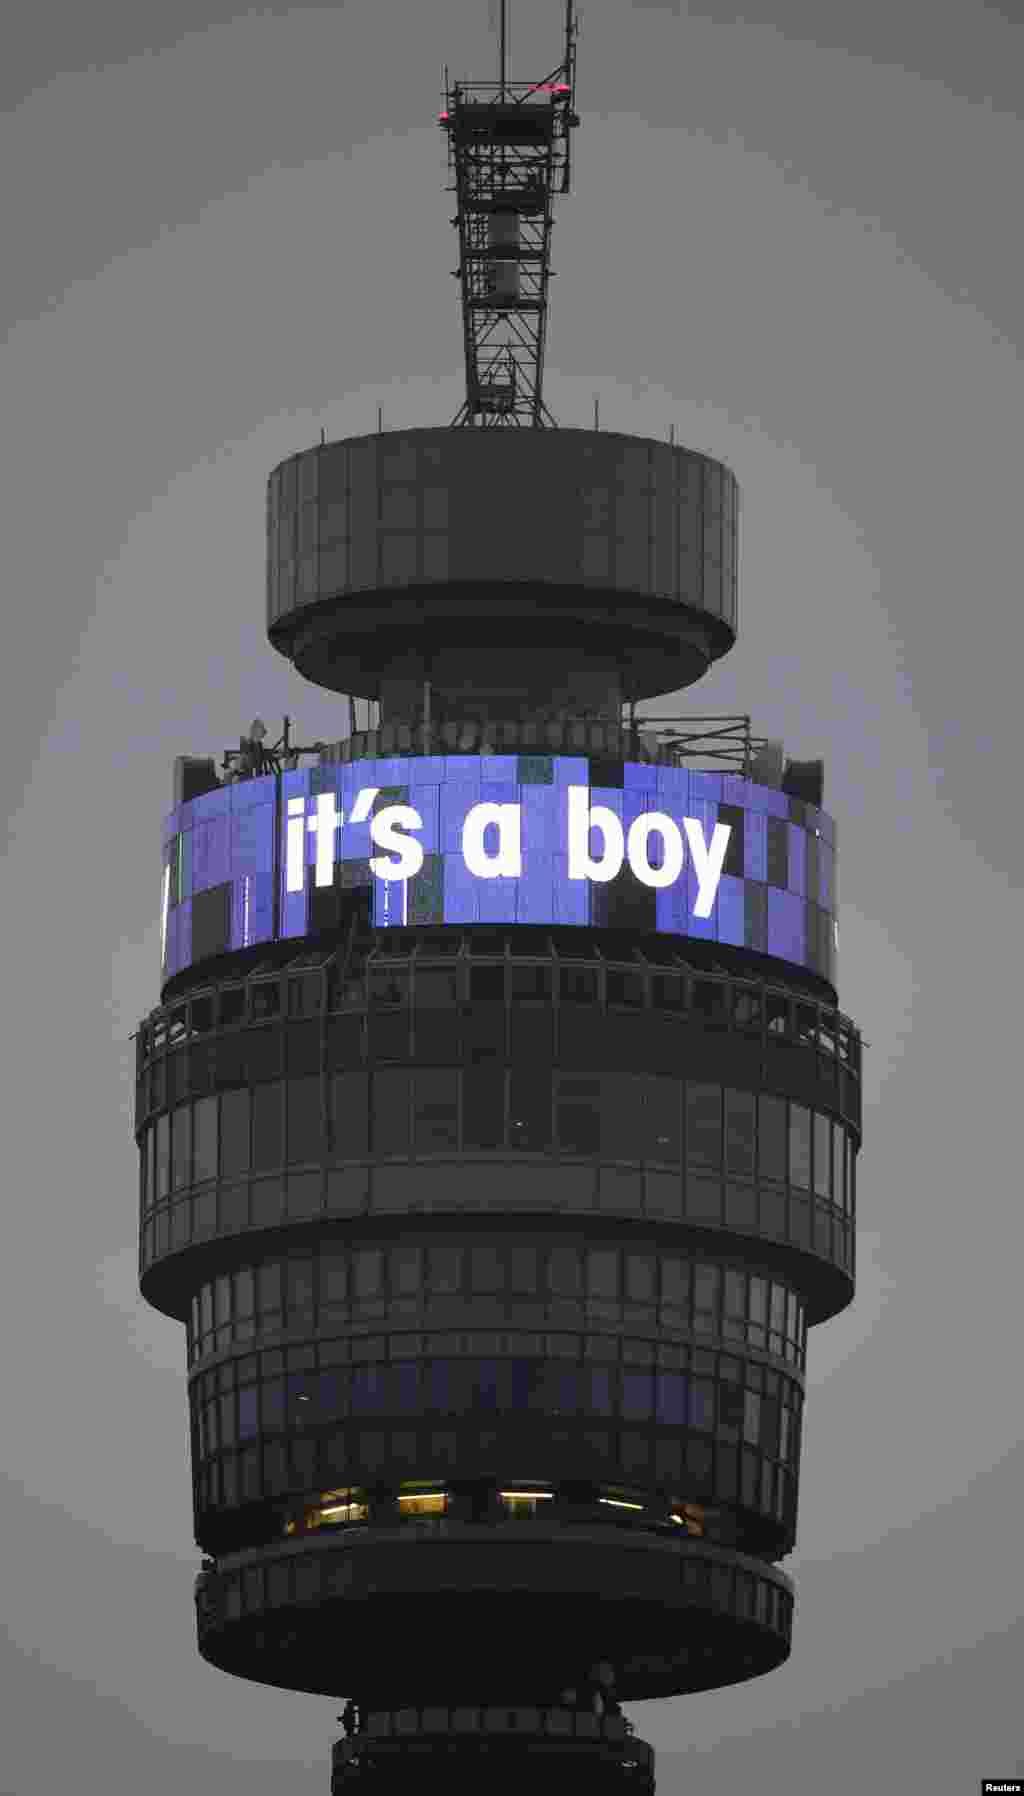 """Вежа """"British Telecom"""" прикрашена повідомленням """"Це хлопчик""""."""